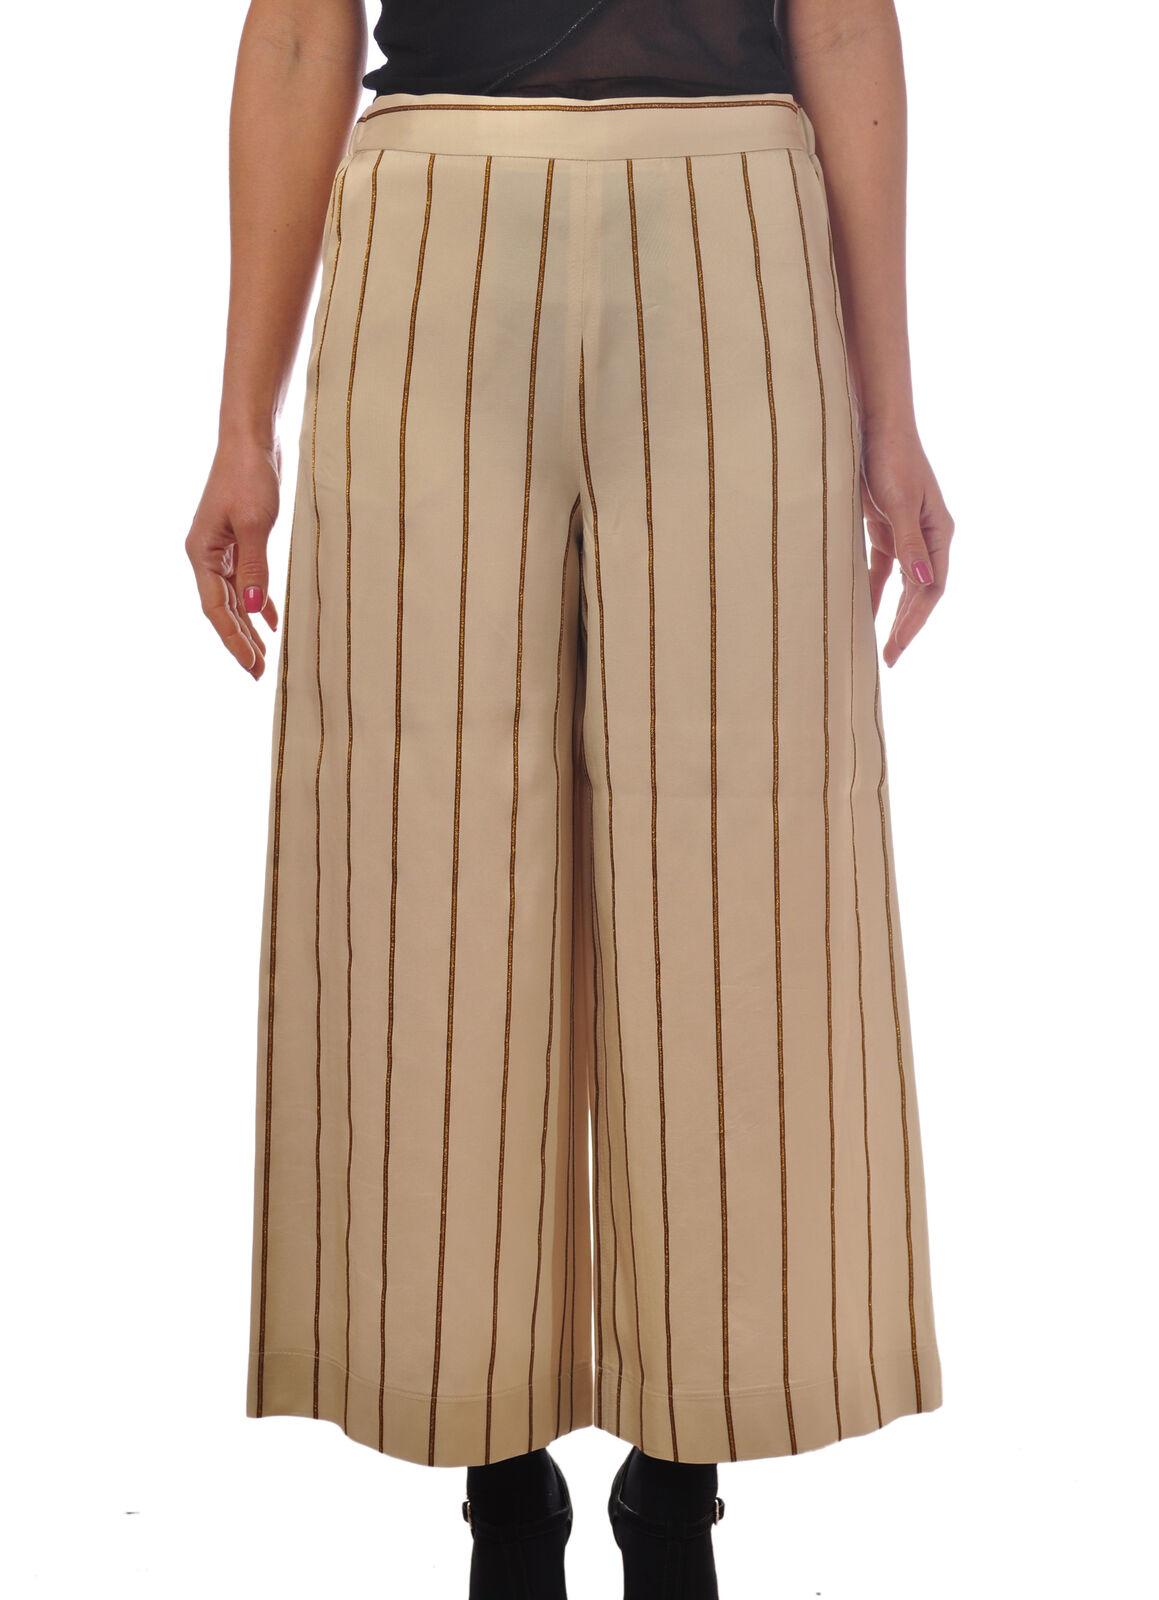 Meme - Pants-Pants - Woman - White - 5096710H185827